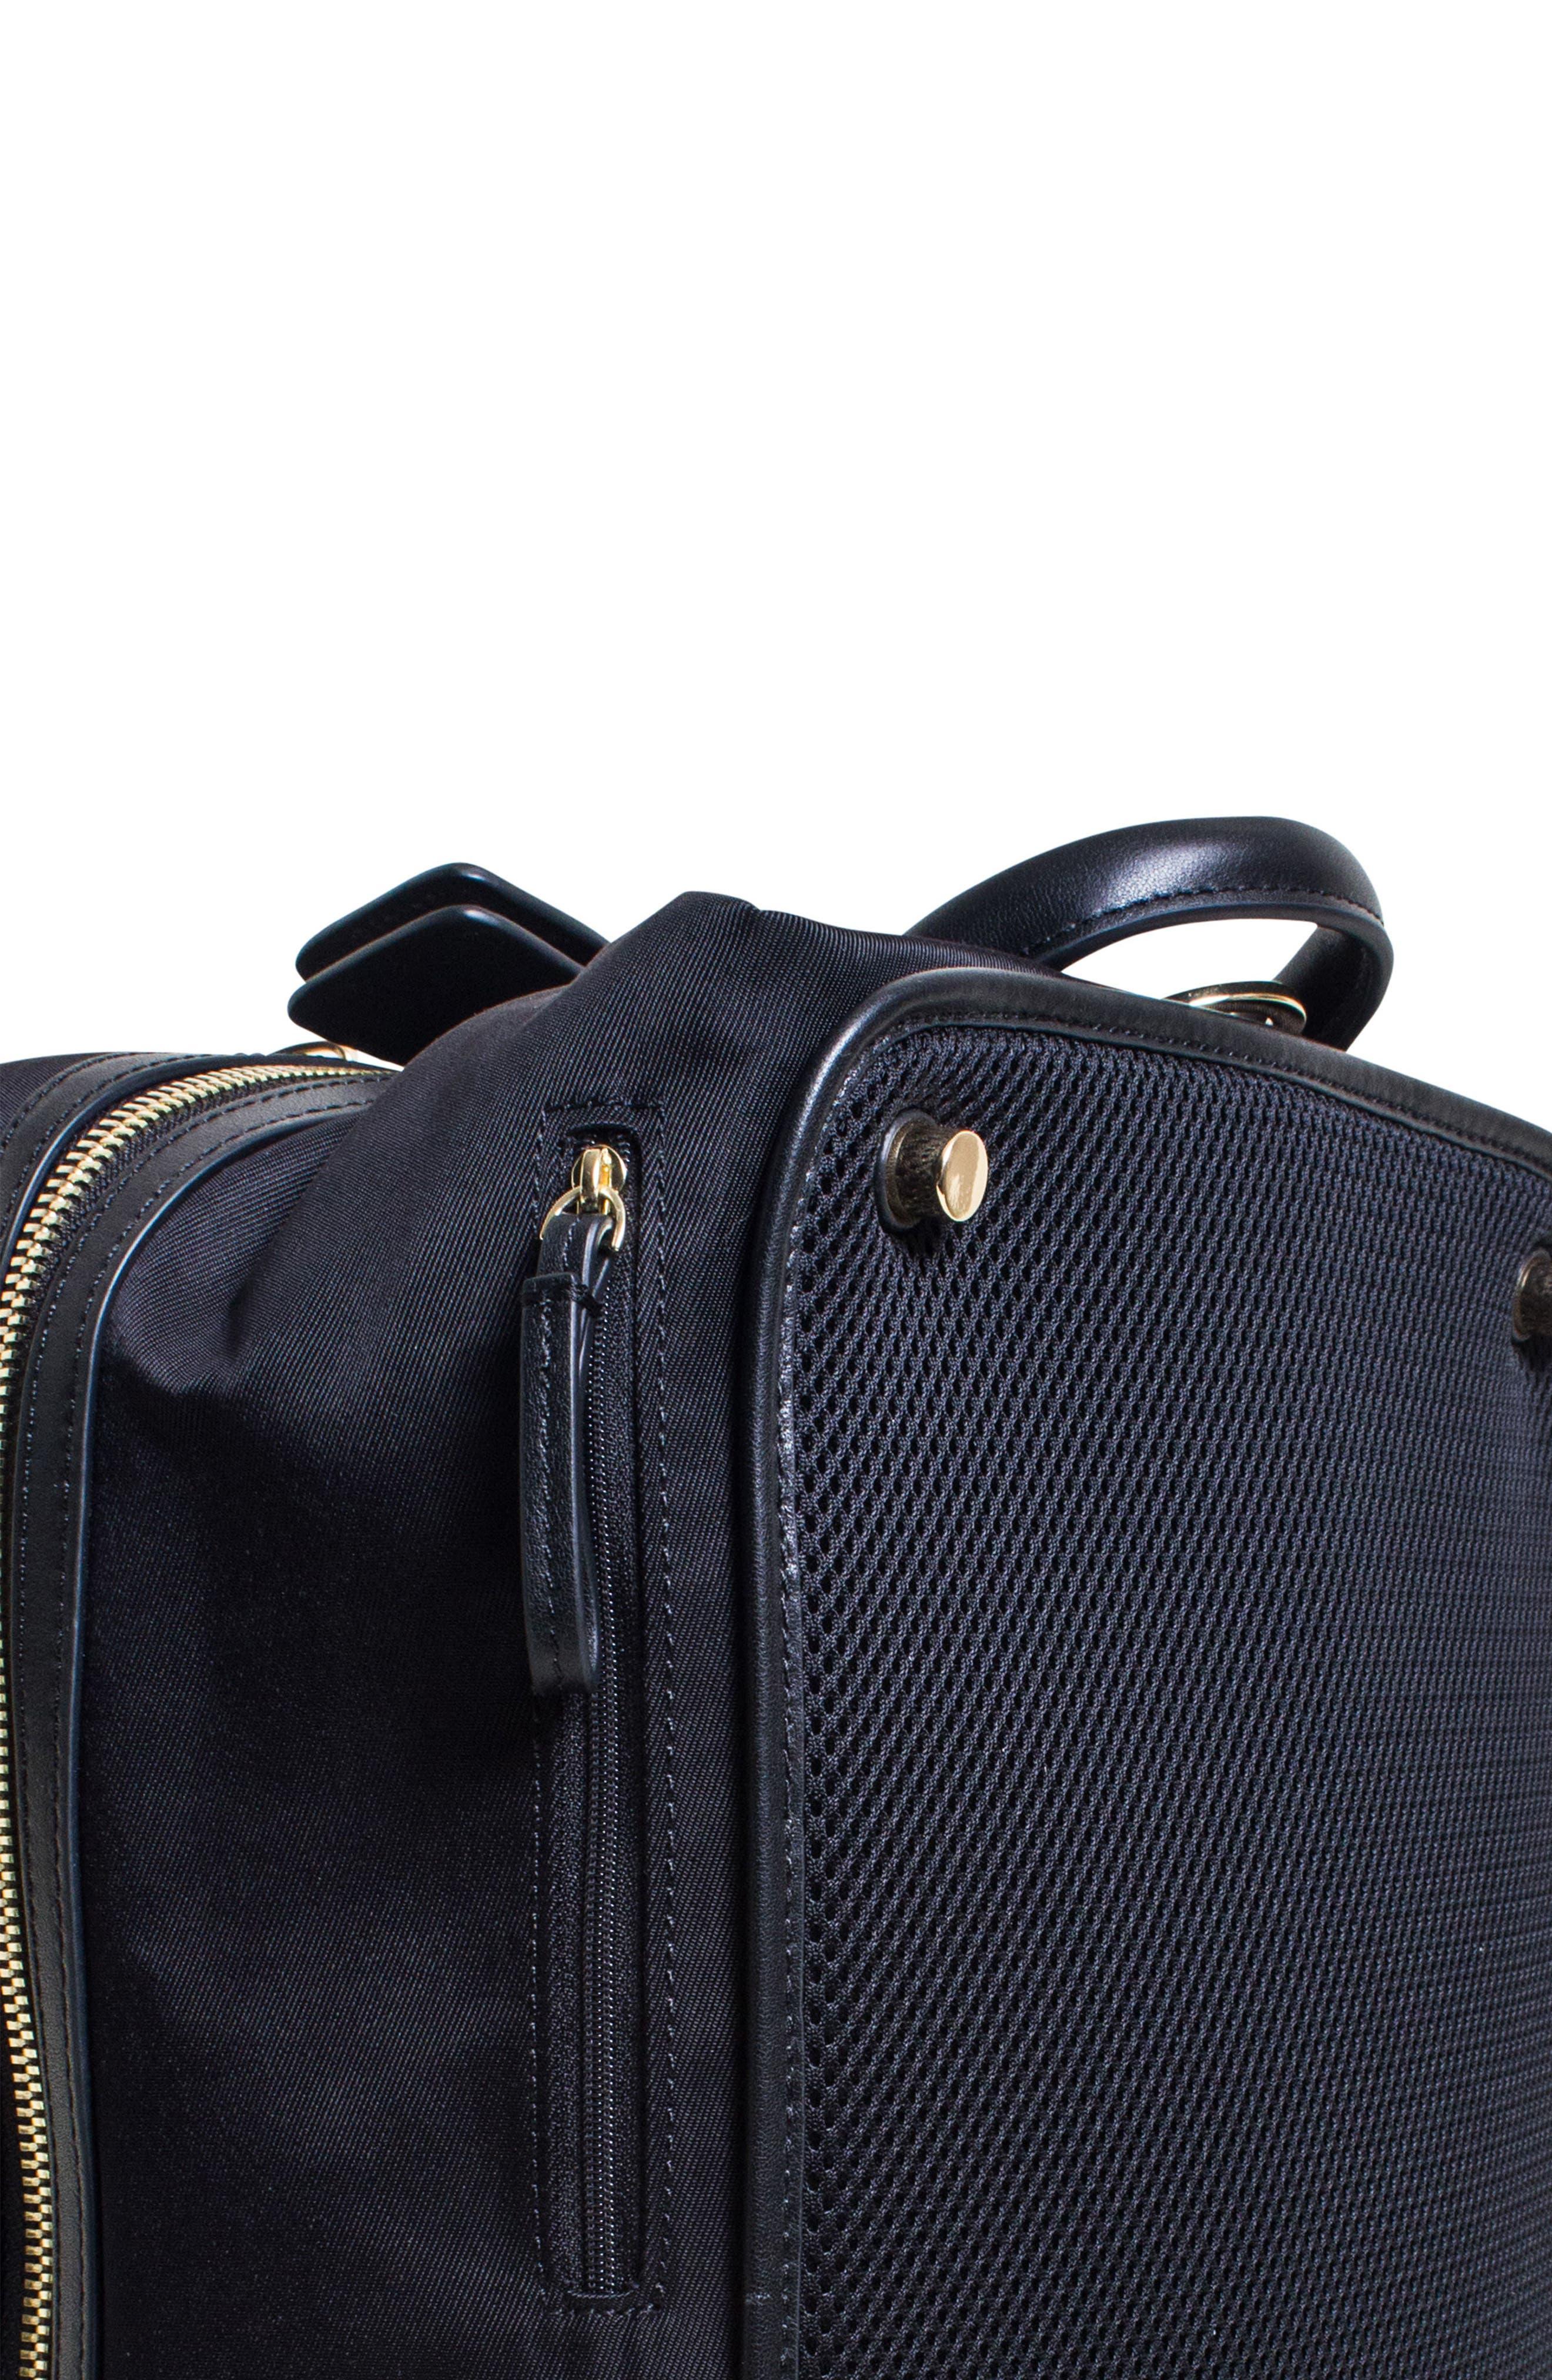 Studio Duffel Backpack,                             Alternate thumbnail 6, color,                             Black